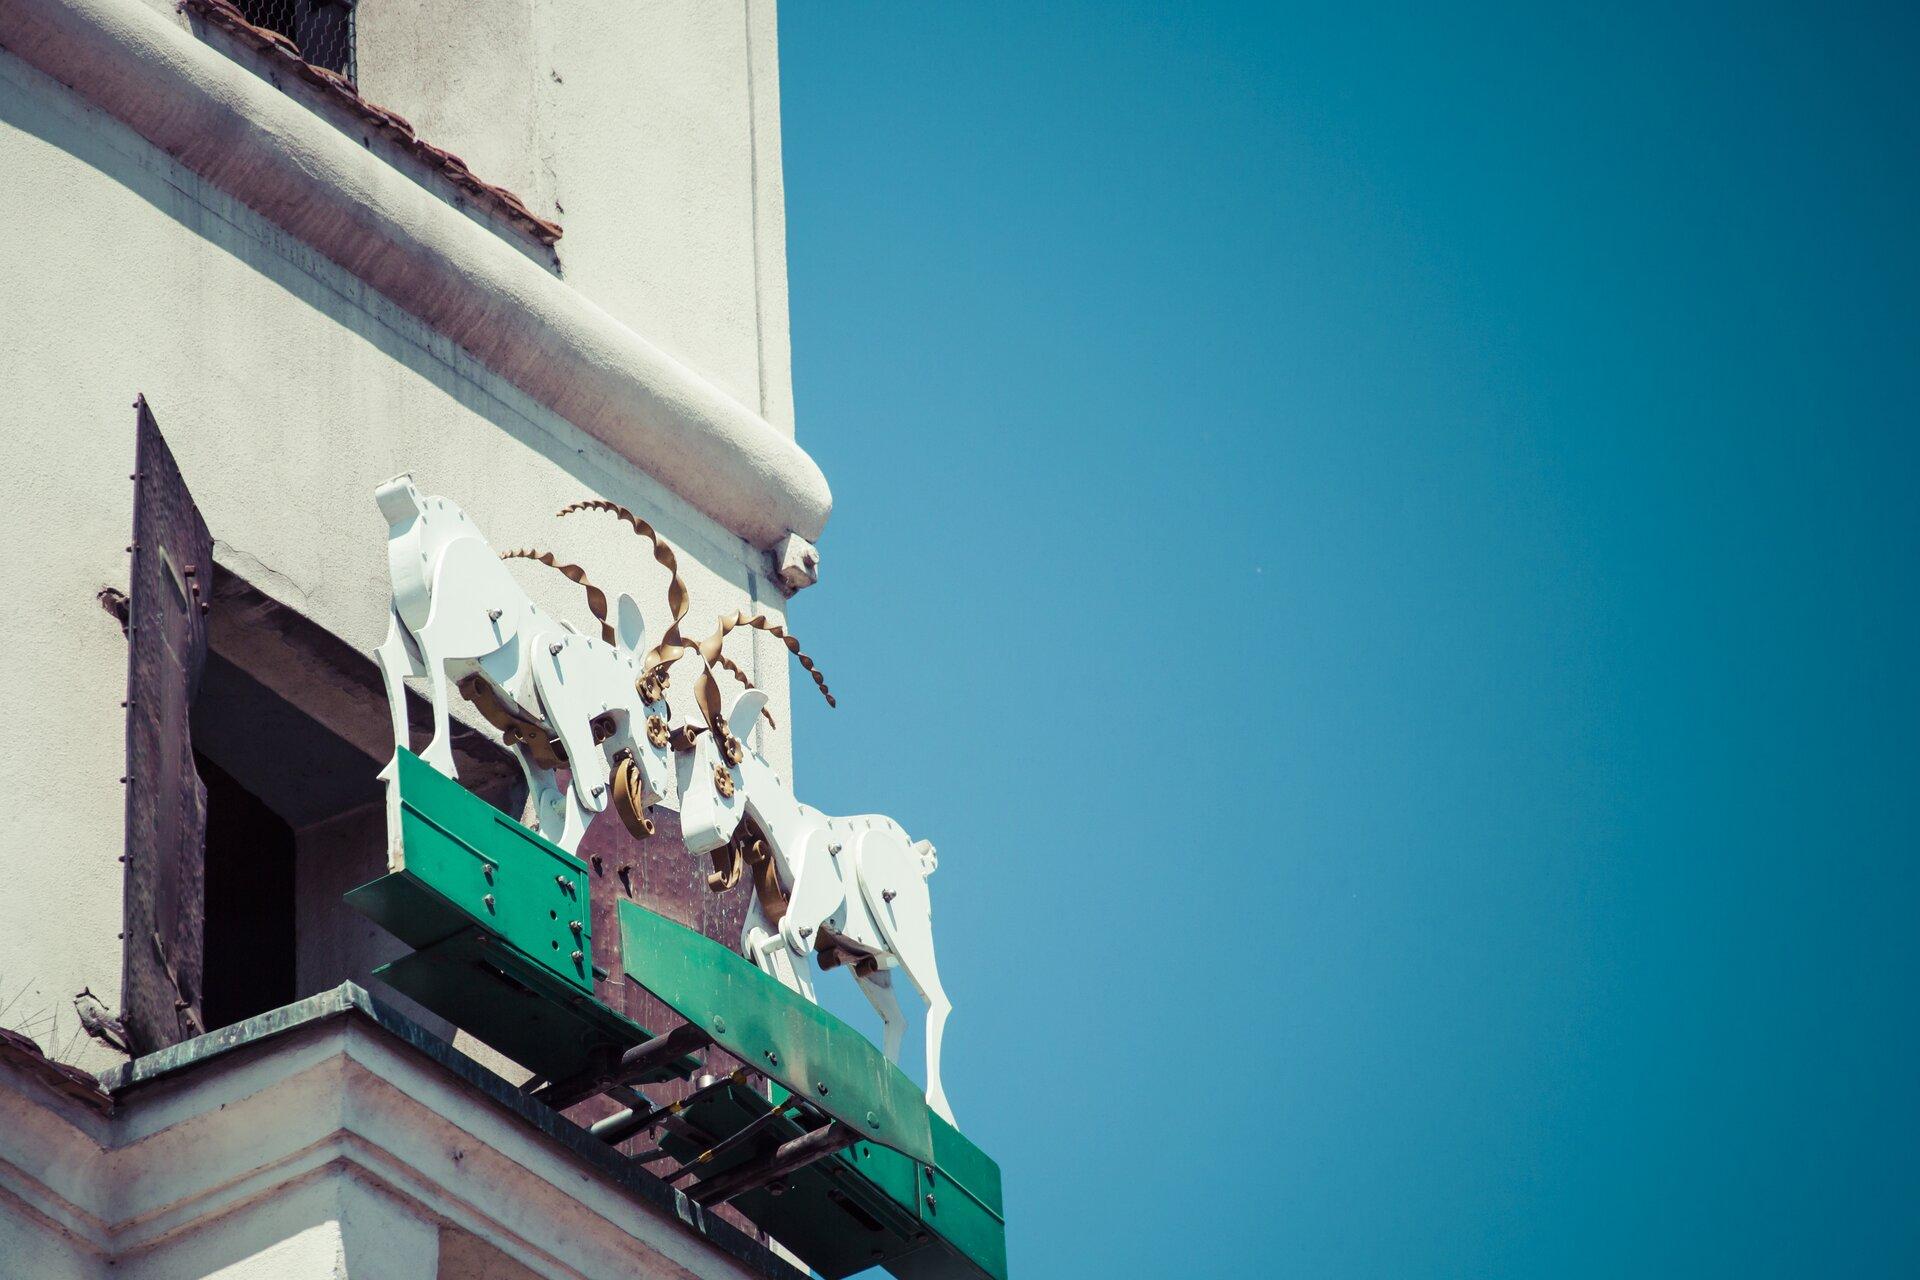 Ilustracja przedstawia poznańskie koziołki, znajdujące się na poznańskim ratuszu. Koziołki stykają się rogami.